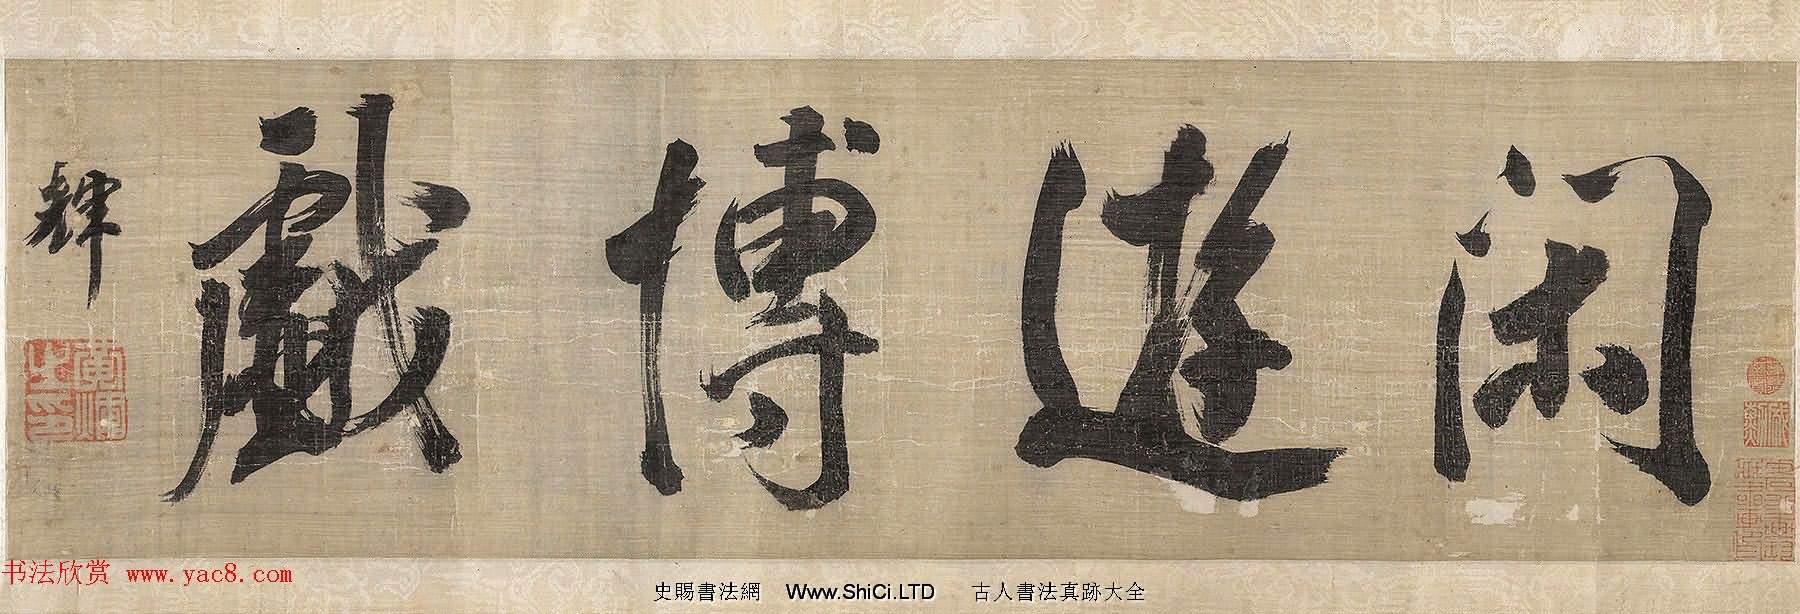 顏庚《鍾馗嫁妹圖》和《鍾馗雨夜出遊圖》(共13張圖片)